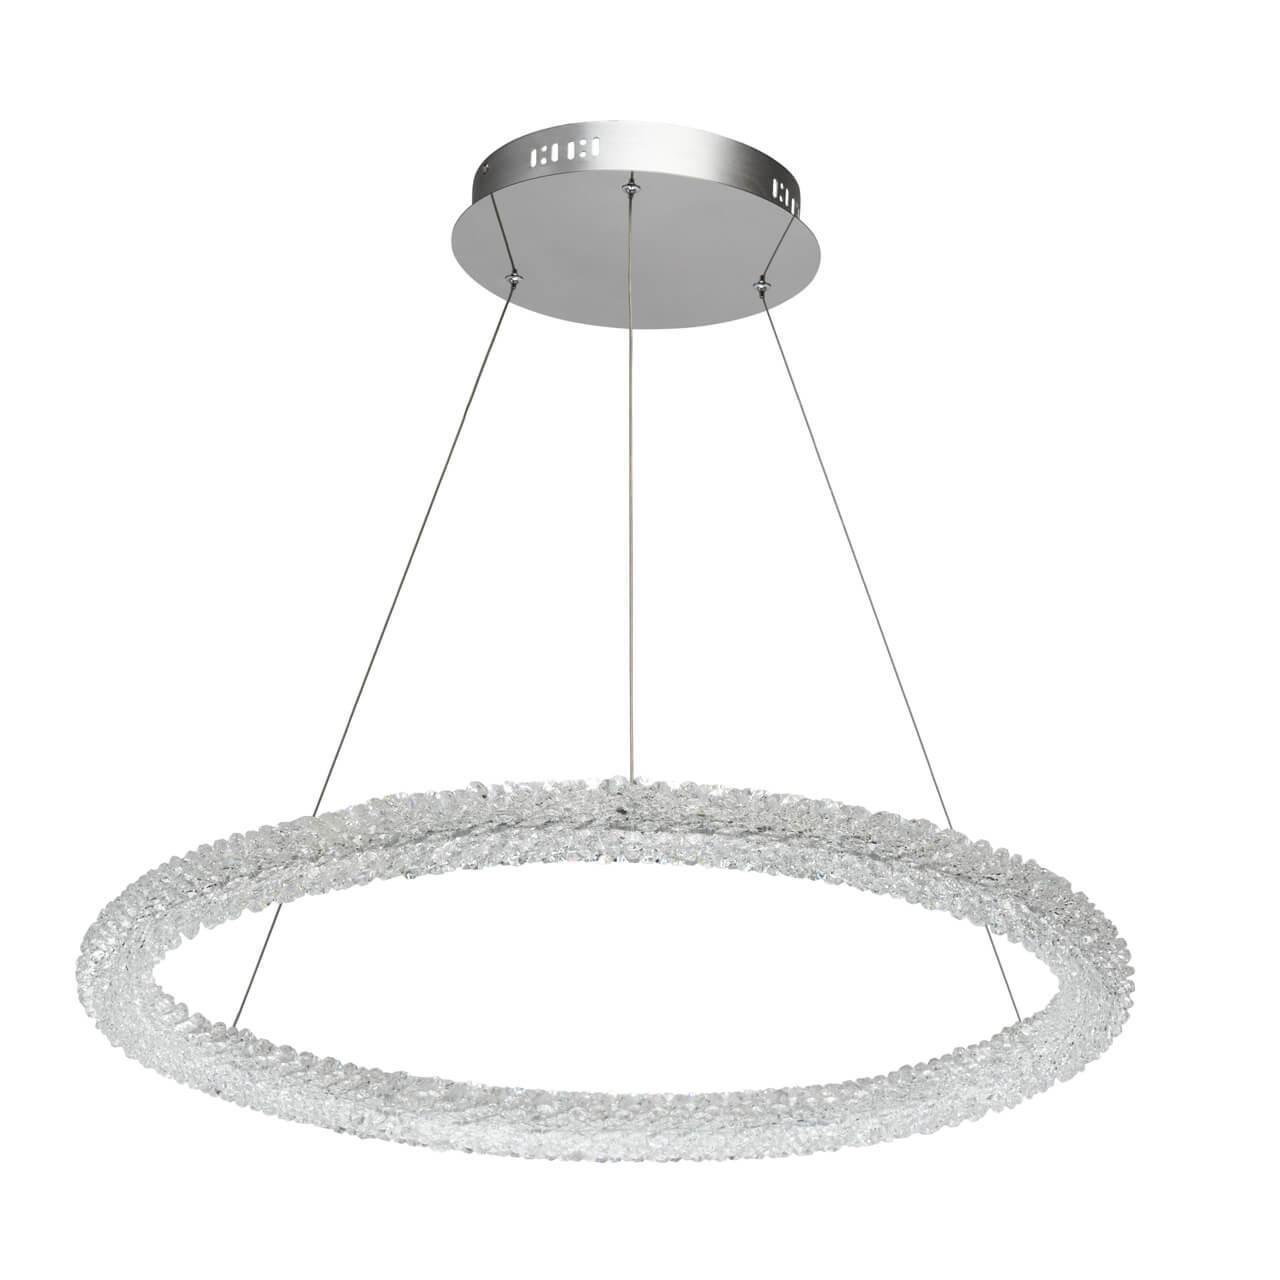 Подвесной светодиодный светильник Chiaro Гослар 11 498014001 подвесной светодиодный светильник chiaro гослар 5 498012202